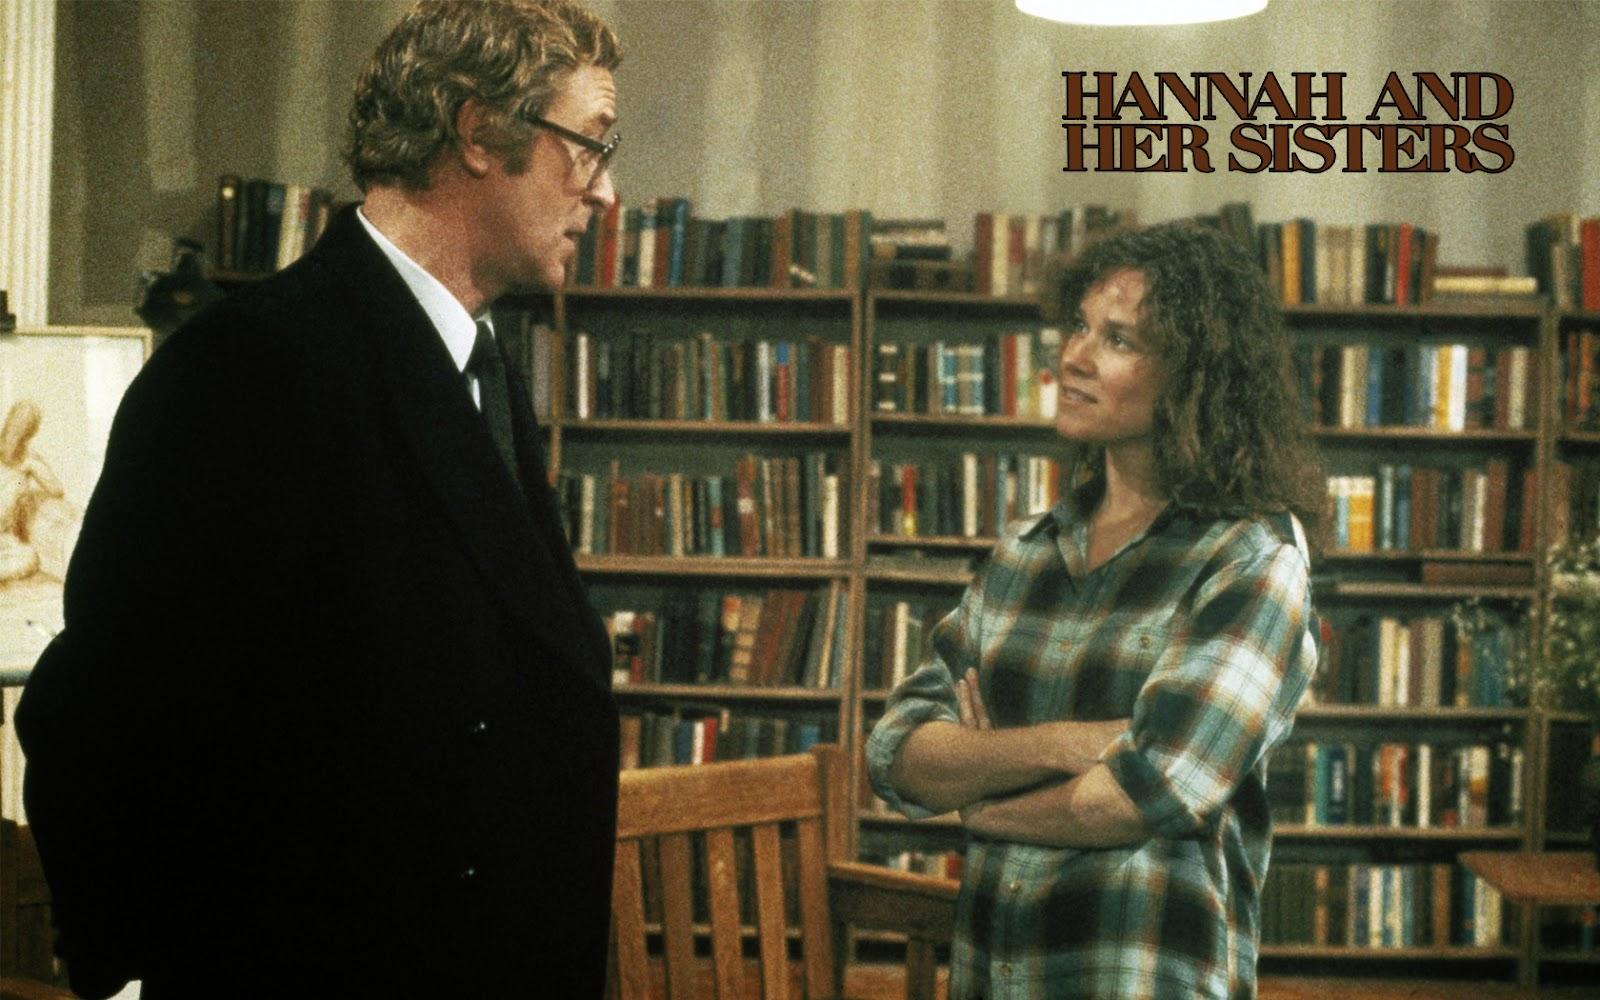 Ханна и ее сестры 1986 - hannah and her sisters -